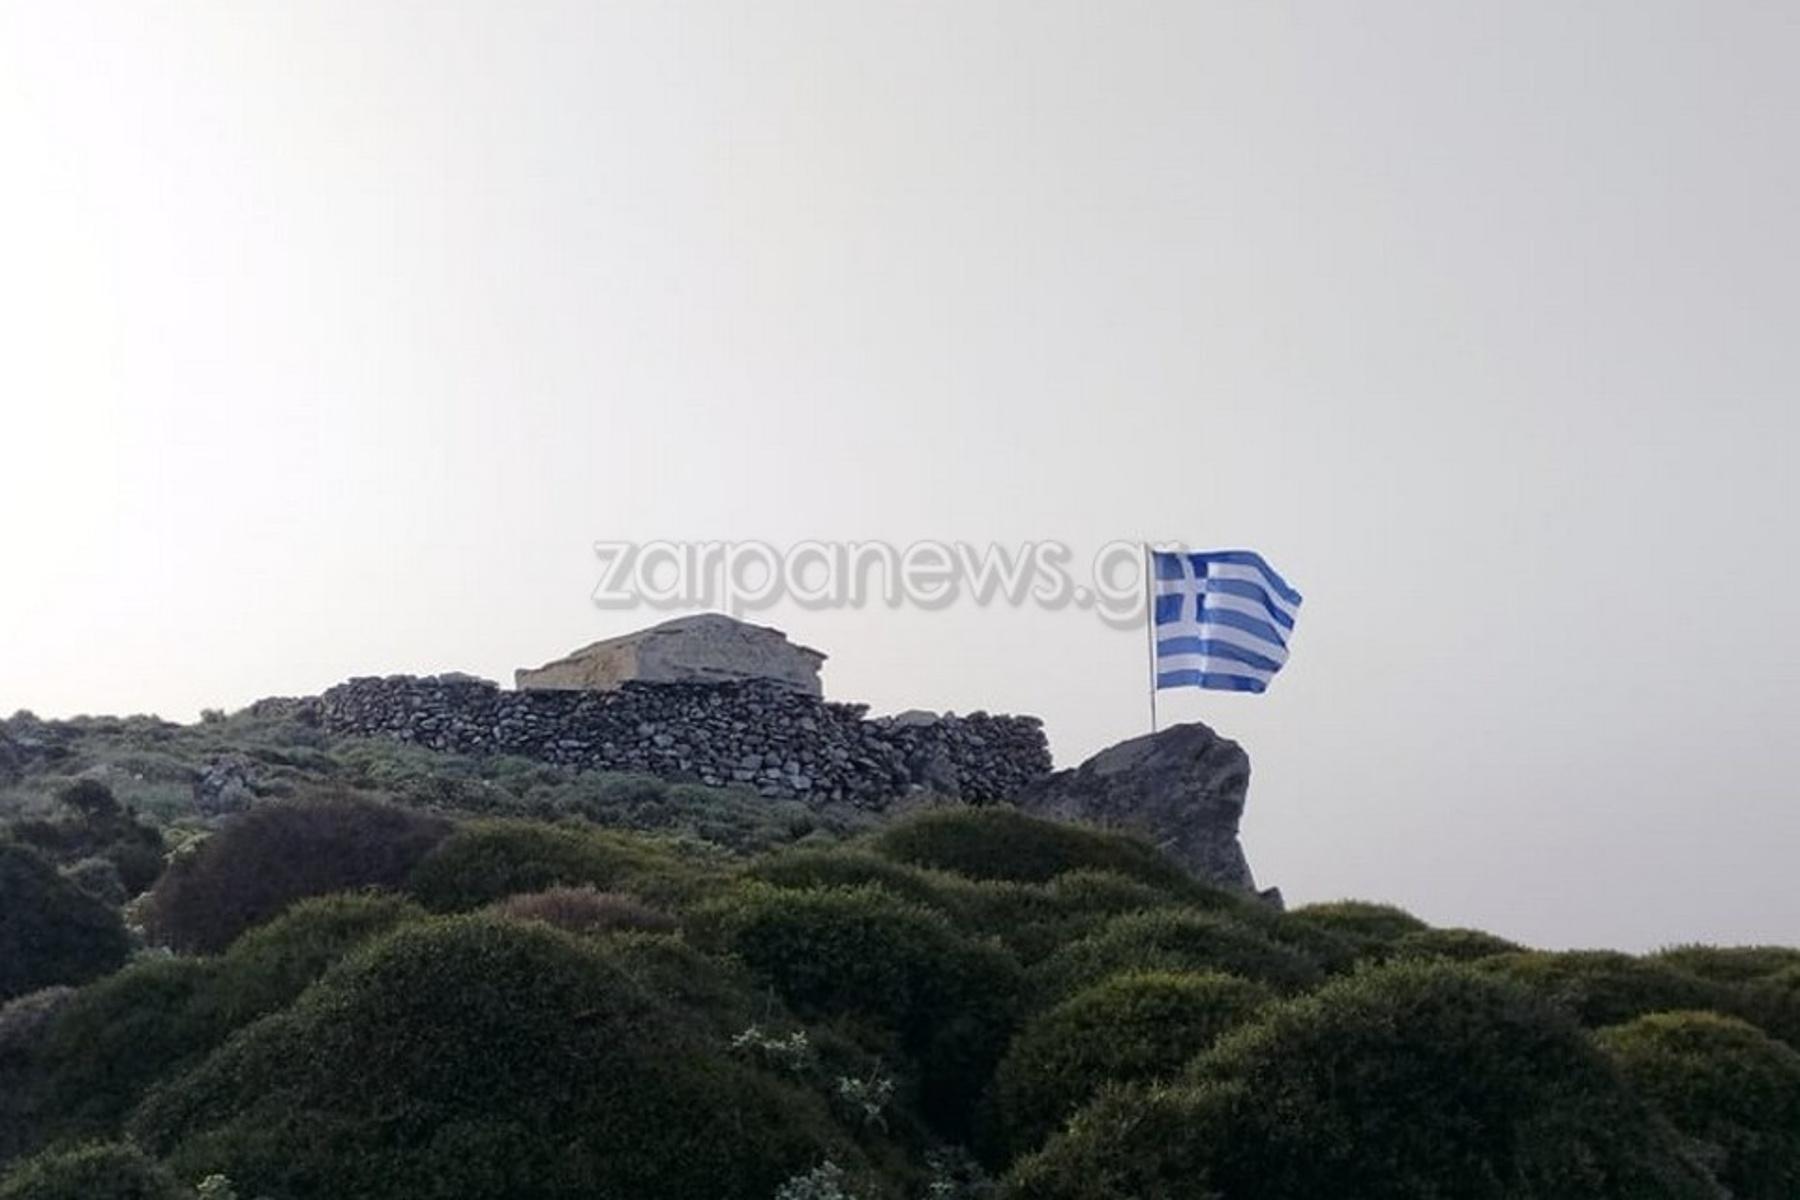 Χανιά: Τεράστια ελληνική σημαία κυματίζει στην κορυφή της Κισάμου (pics)